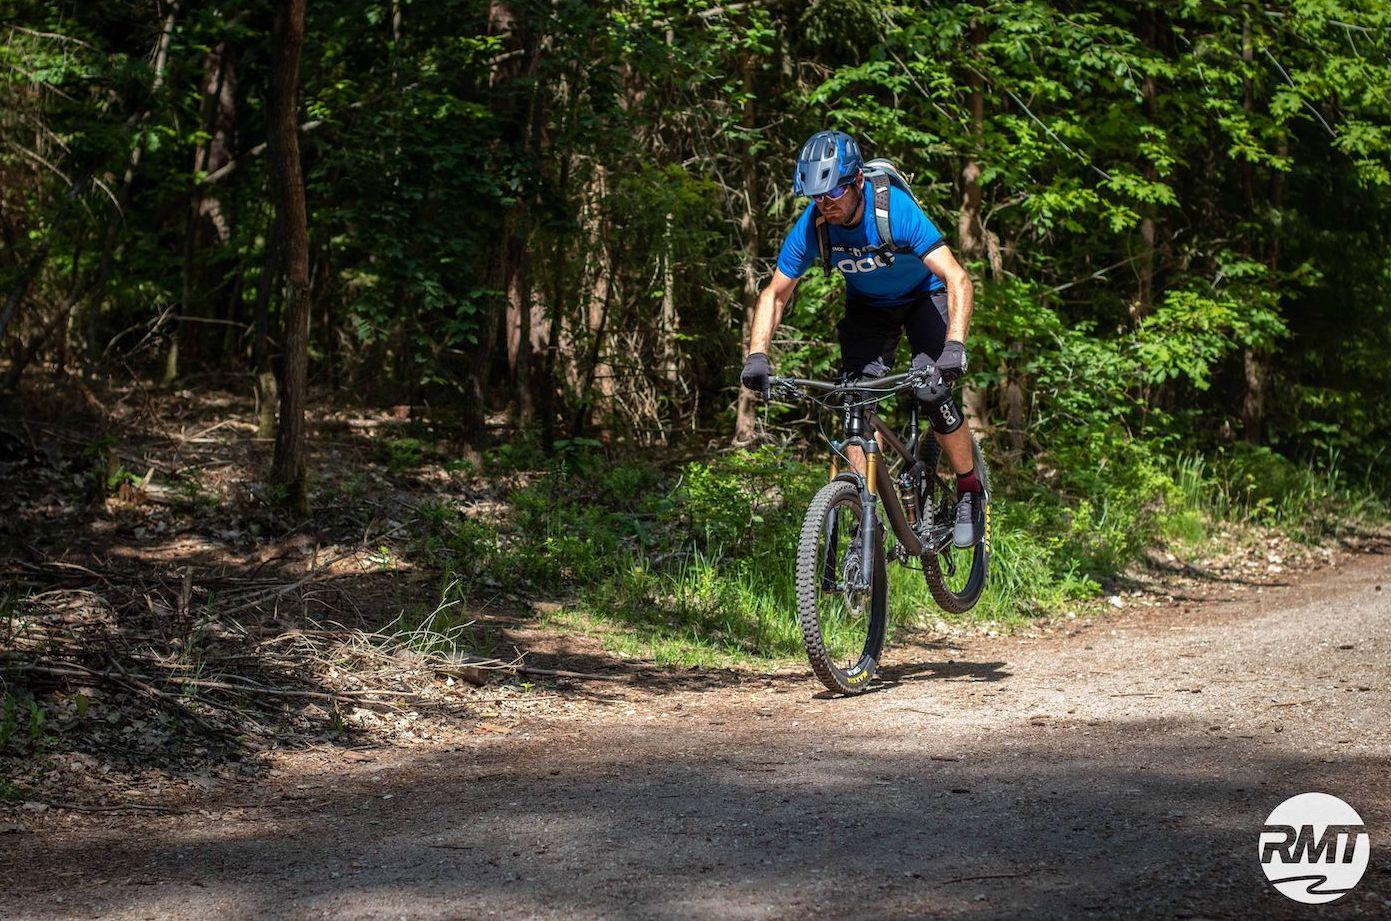 MTB Fahrtechnik Kurs Fortgeschrittene in Stuttgart  Esslingen - Mountainbike Fortgeschritten - Rock my Trail Bikeschule - 8